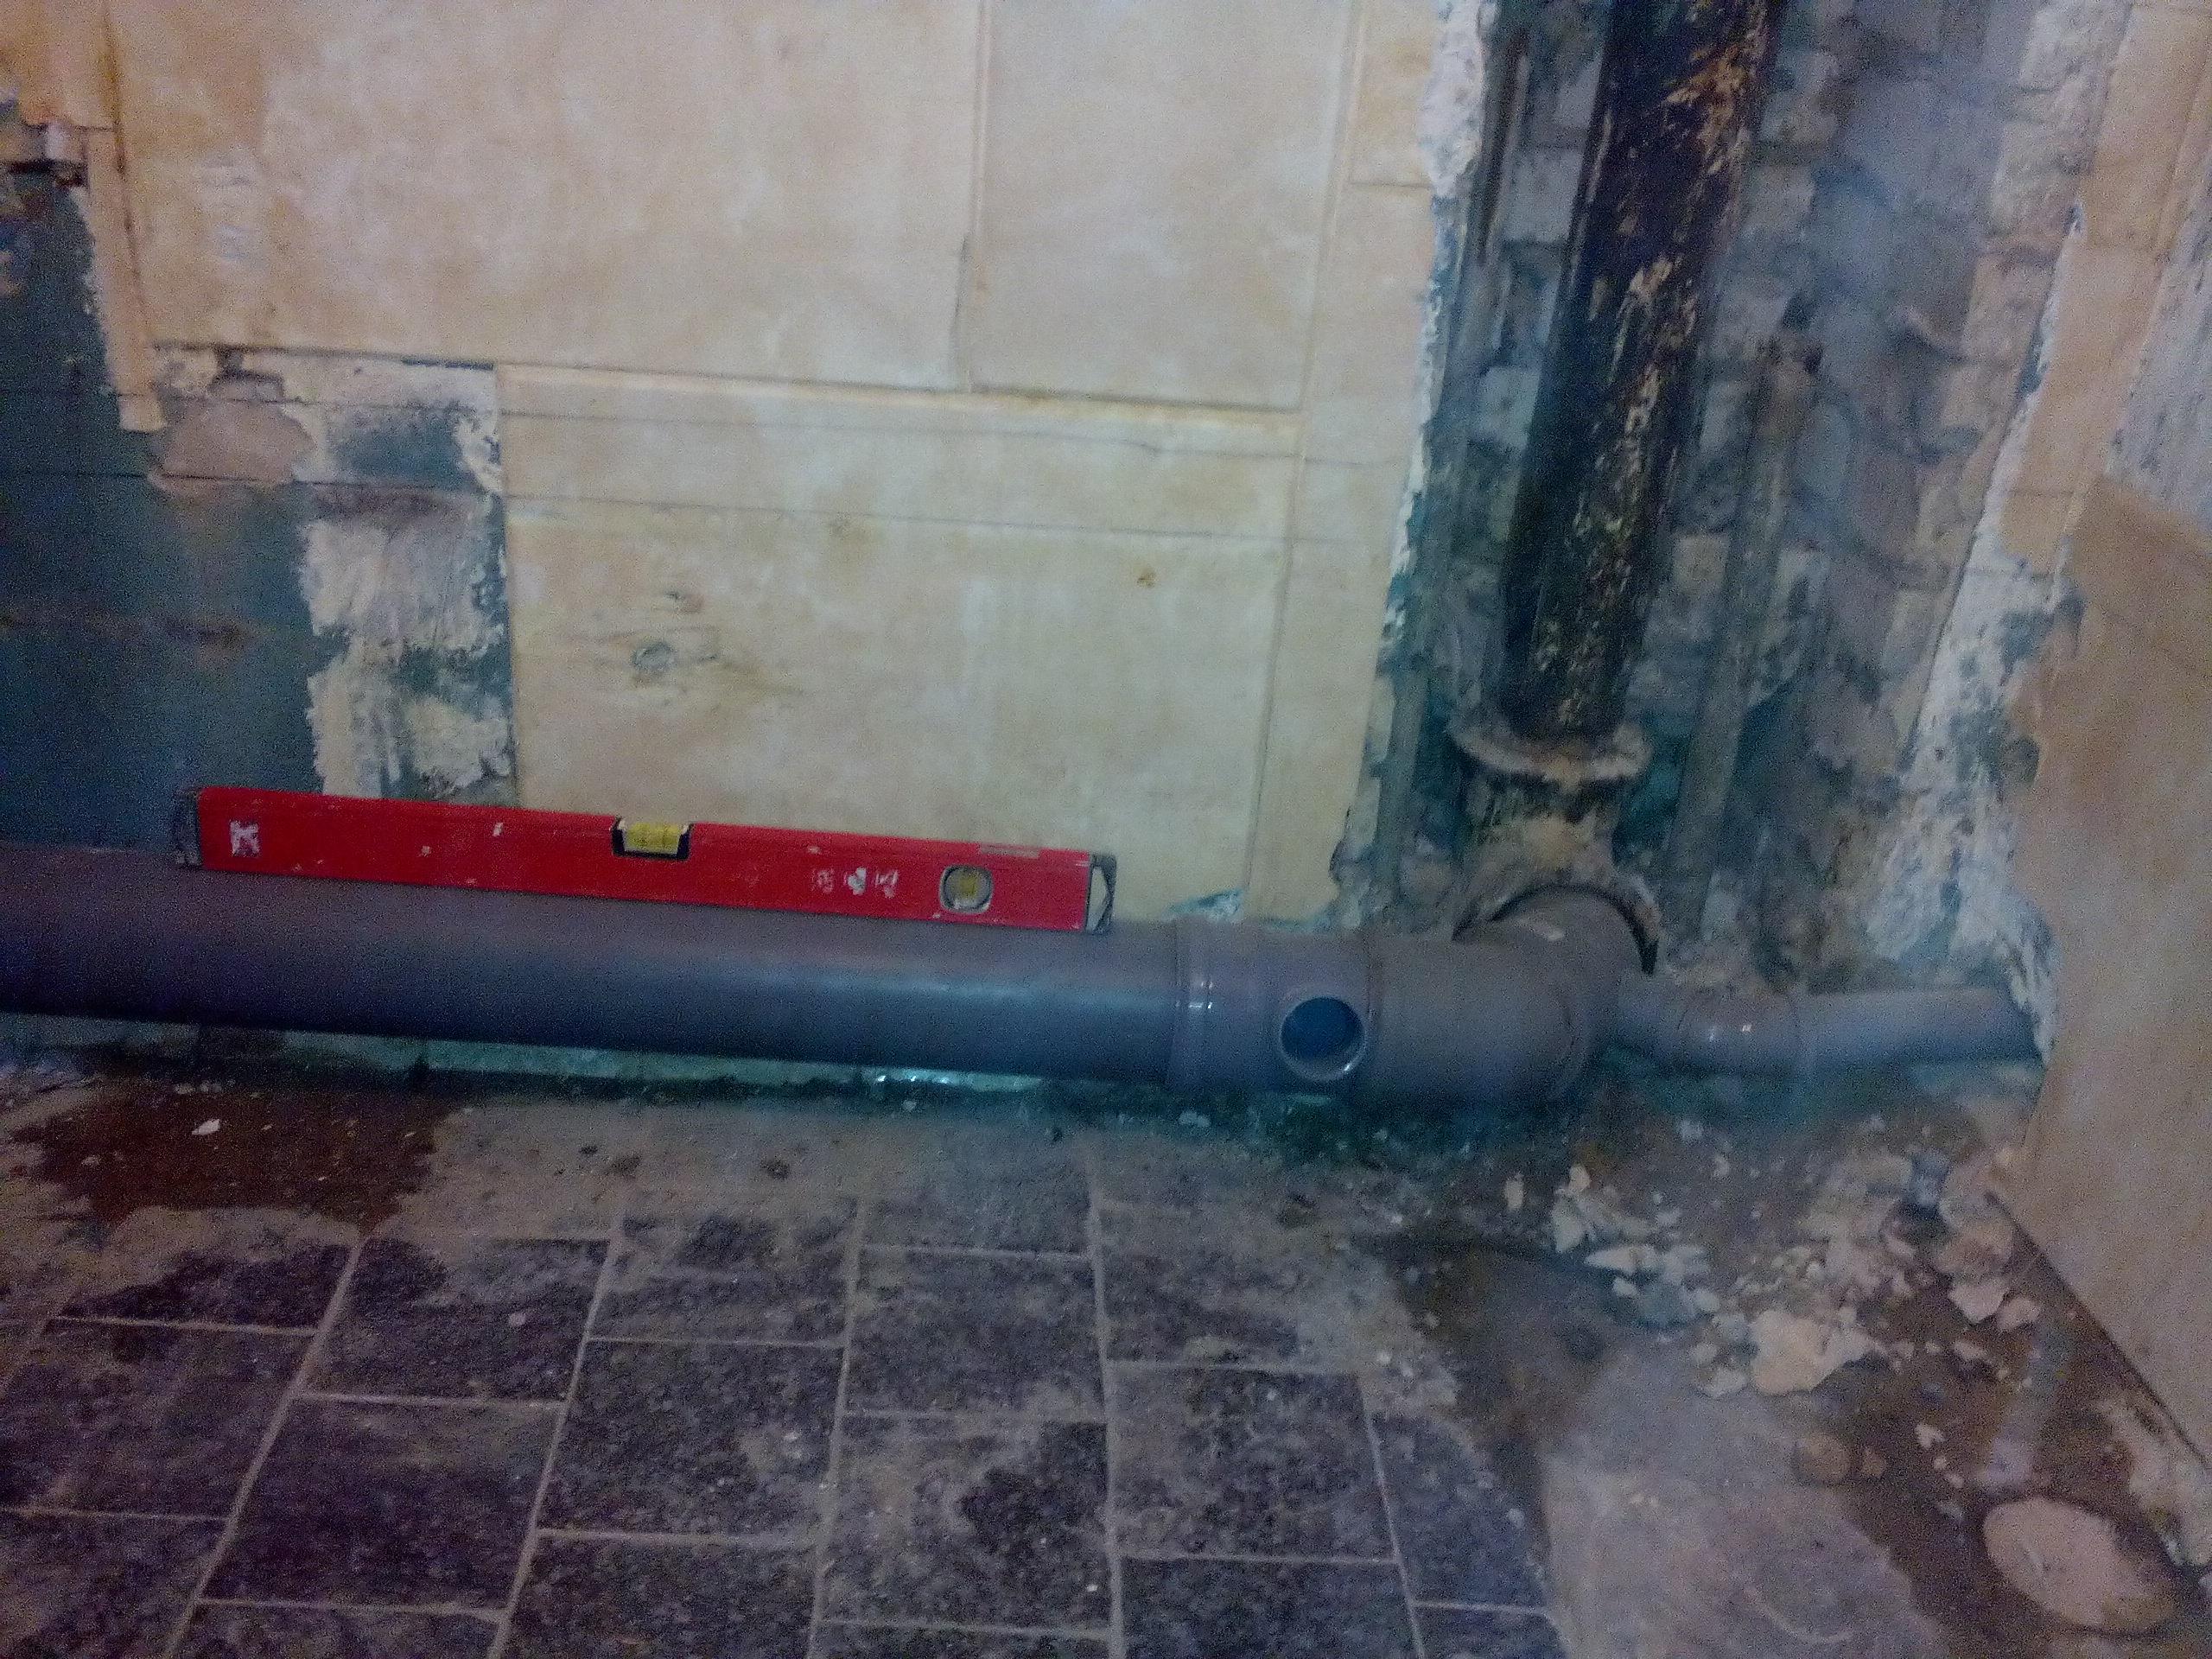 Прокладка канализации к стояку, вся работа проделана под уровень и уклон